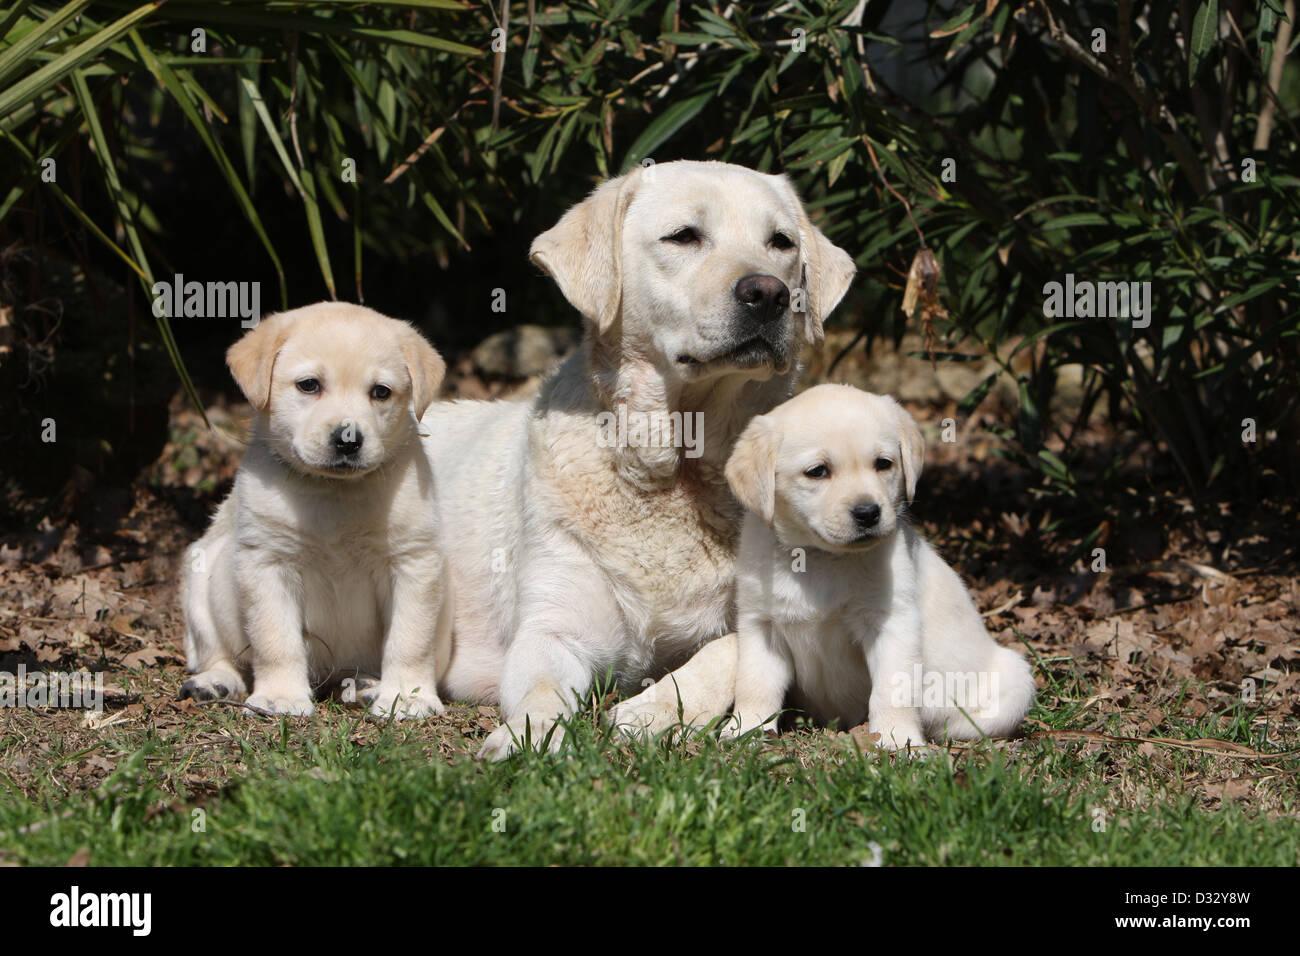 Labrador Retriever Erwachsenen Hund Und Welpen Die In Einem Garten Gelb Stockfotografie Alamy